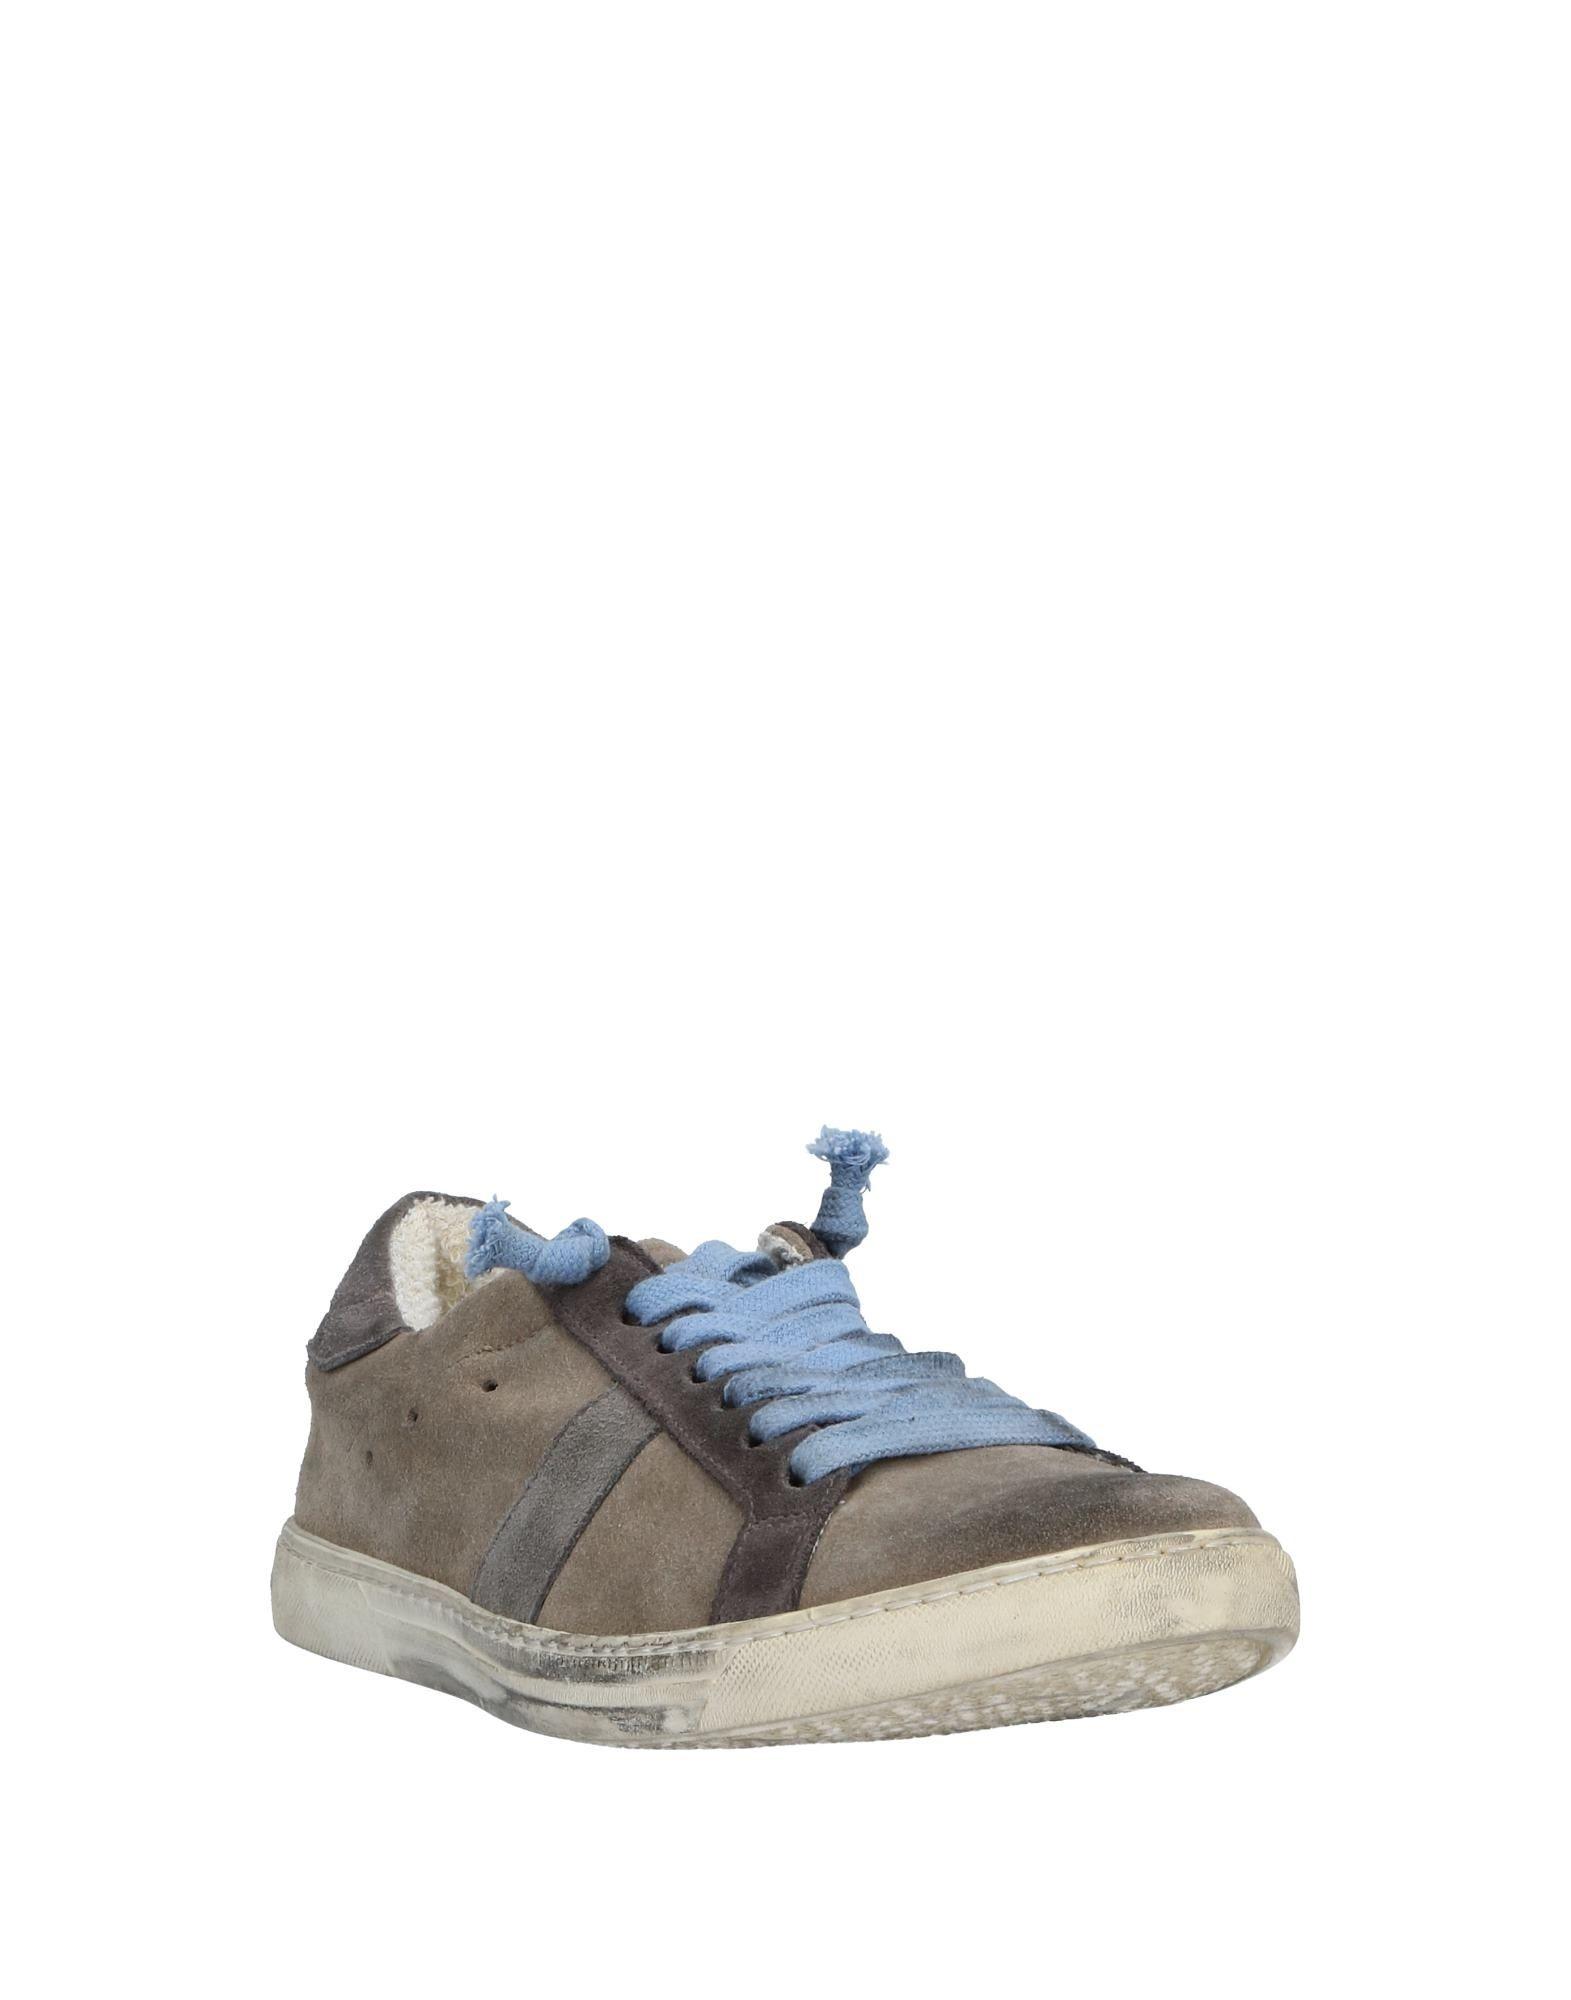 Rabatt echte Schuhe Herren Daniele Alessandrini Homme Sneakers Herren Schuhe  11534417DA e7afa6